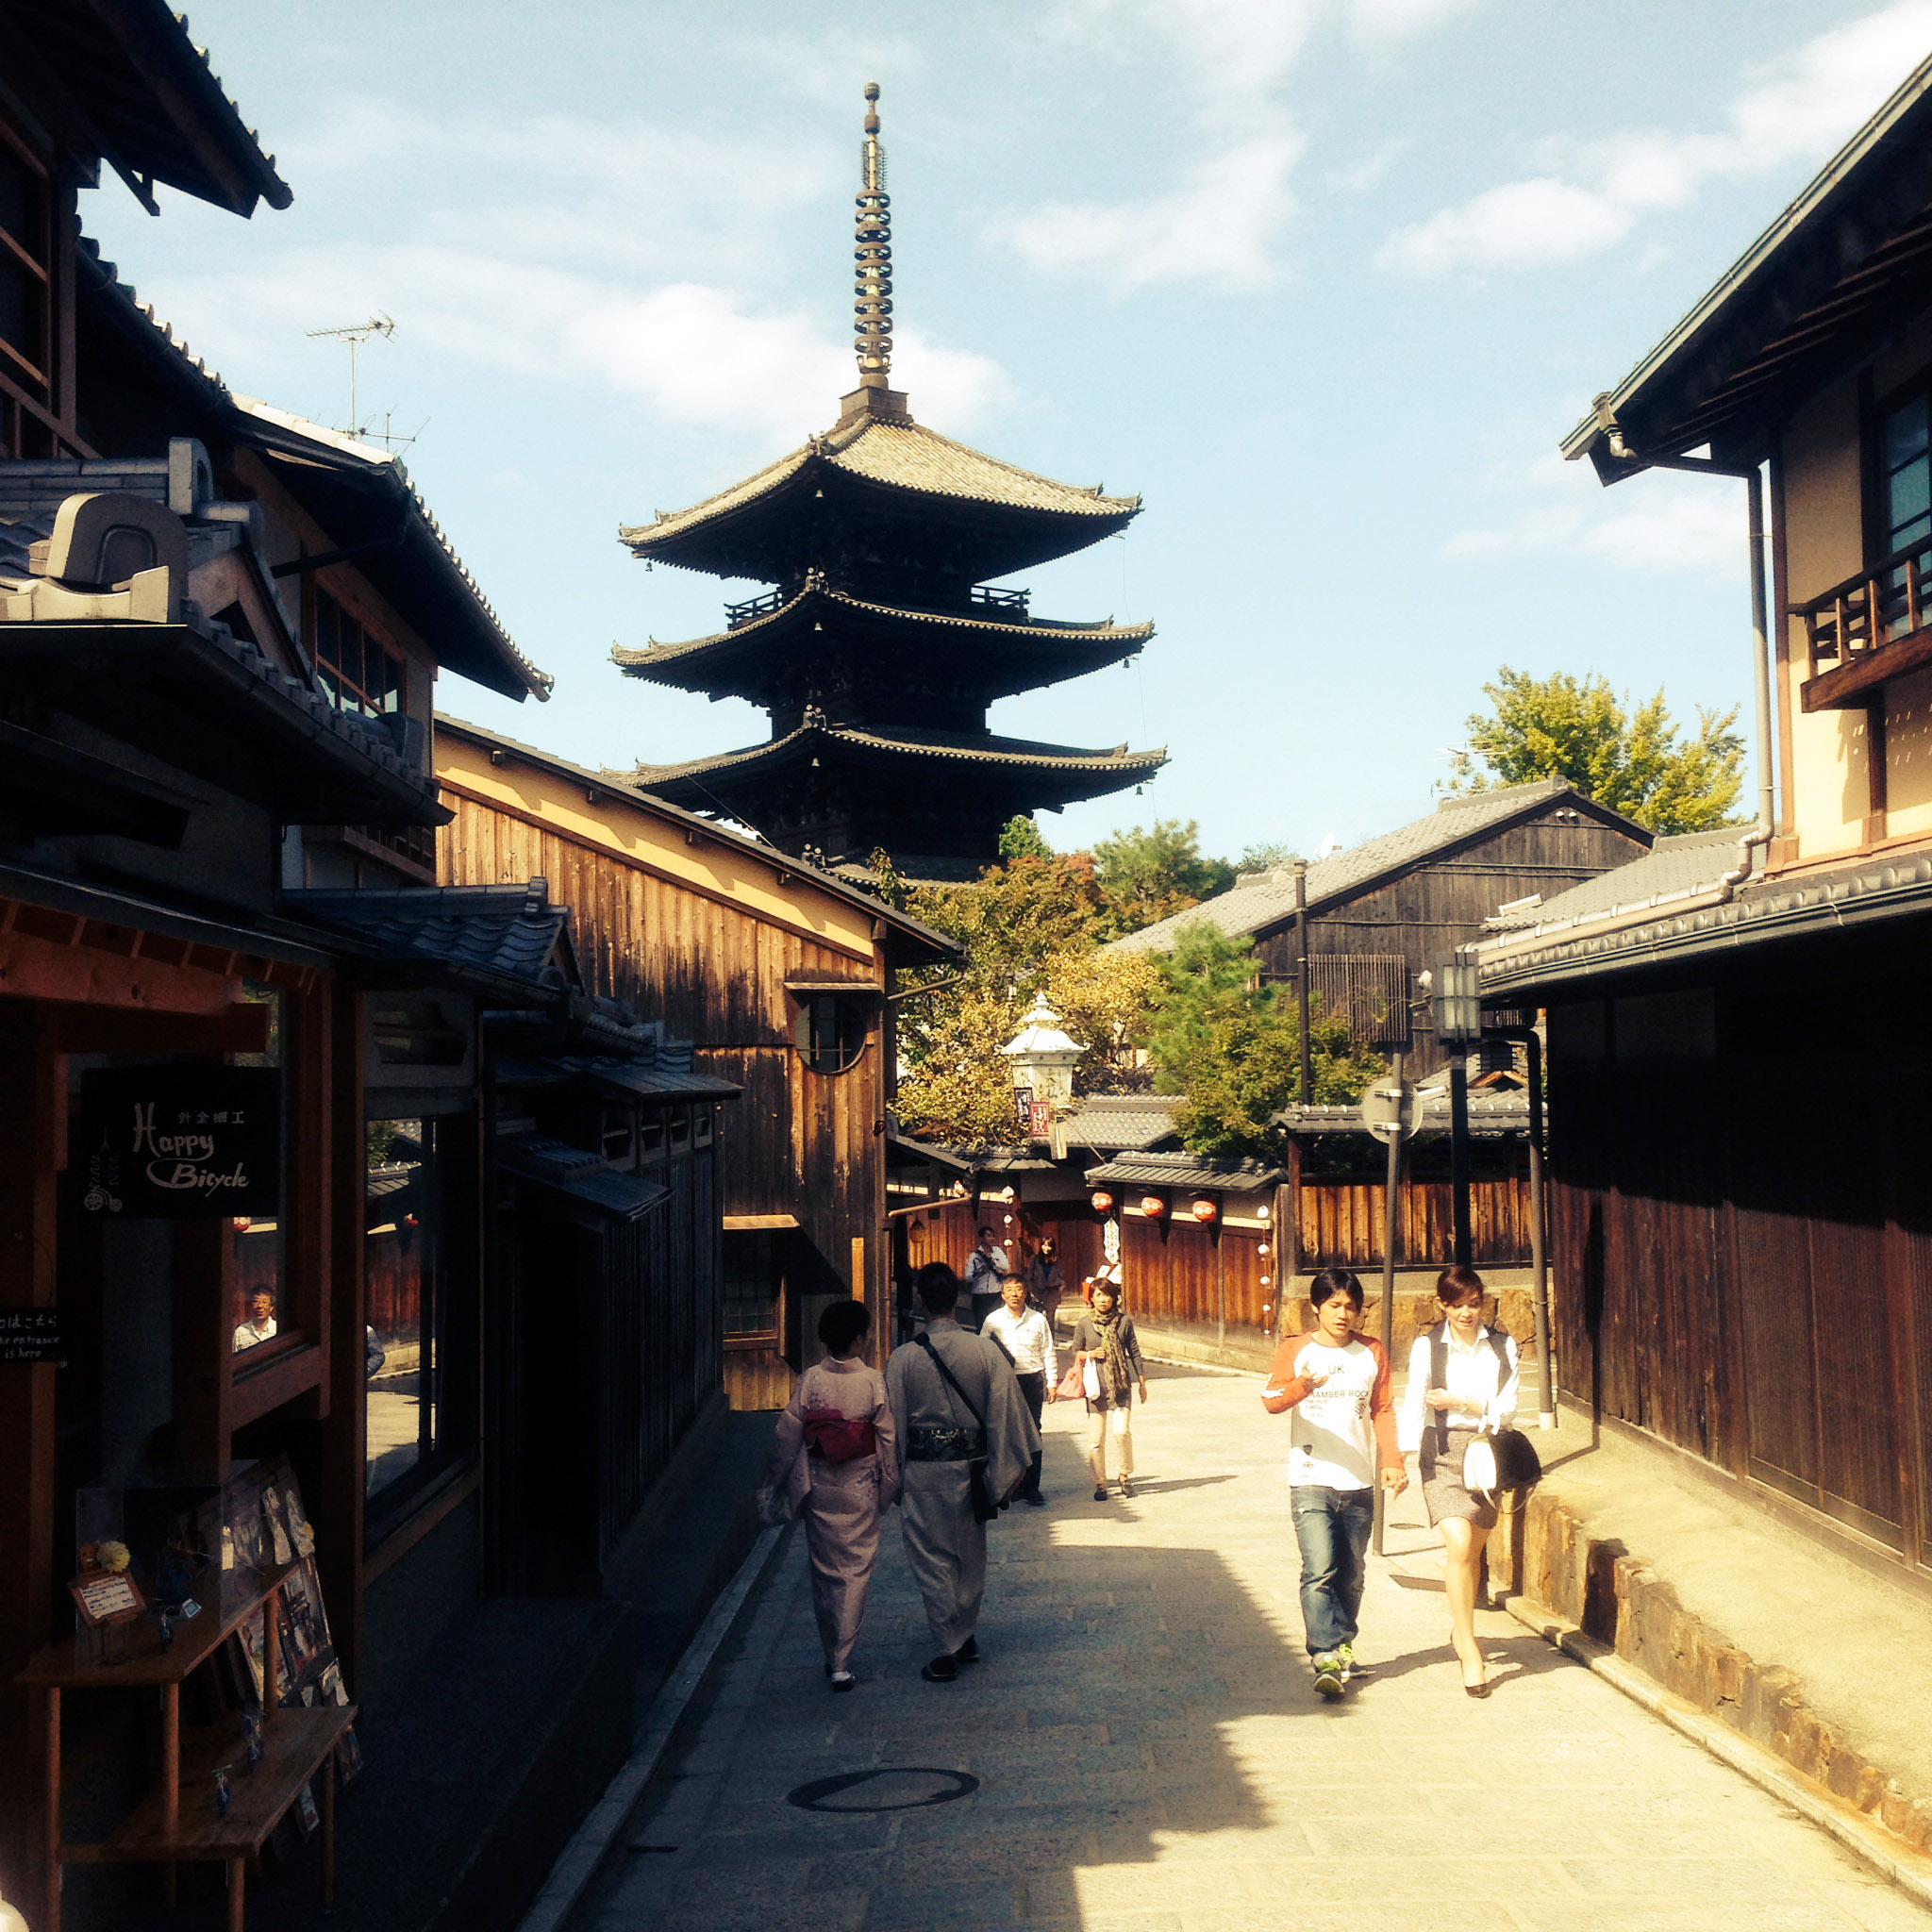 Kyoto / Gion